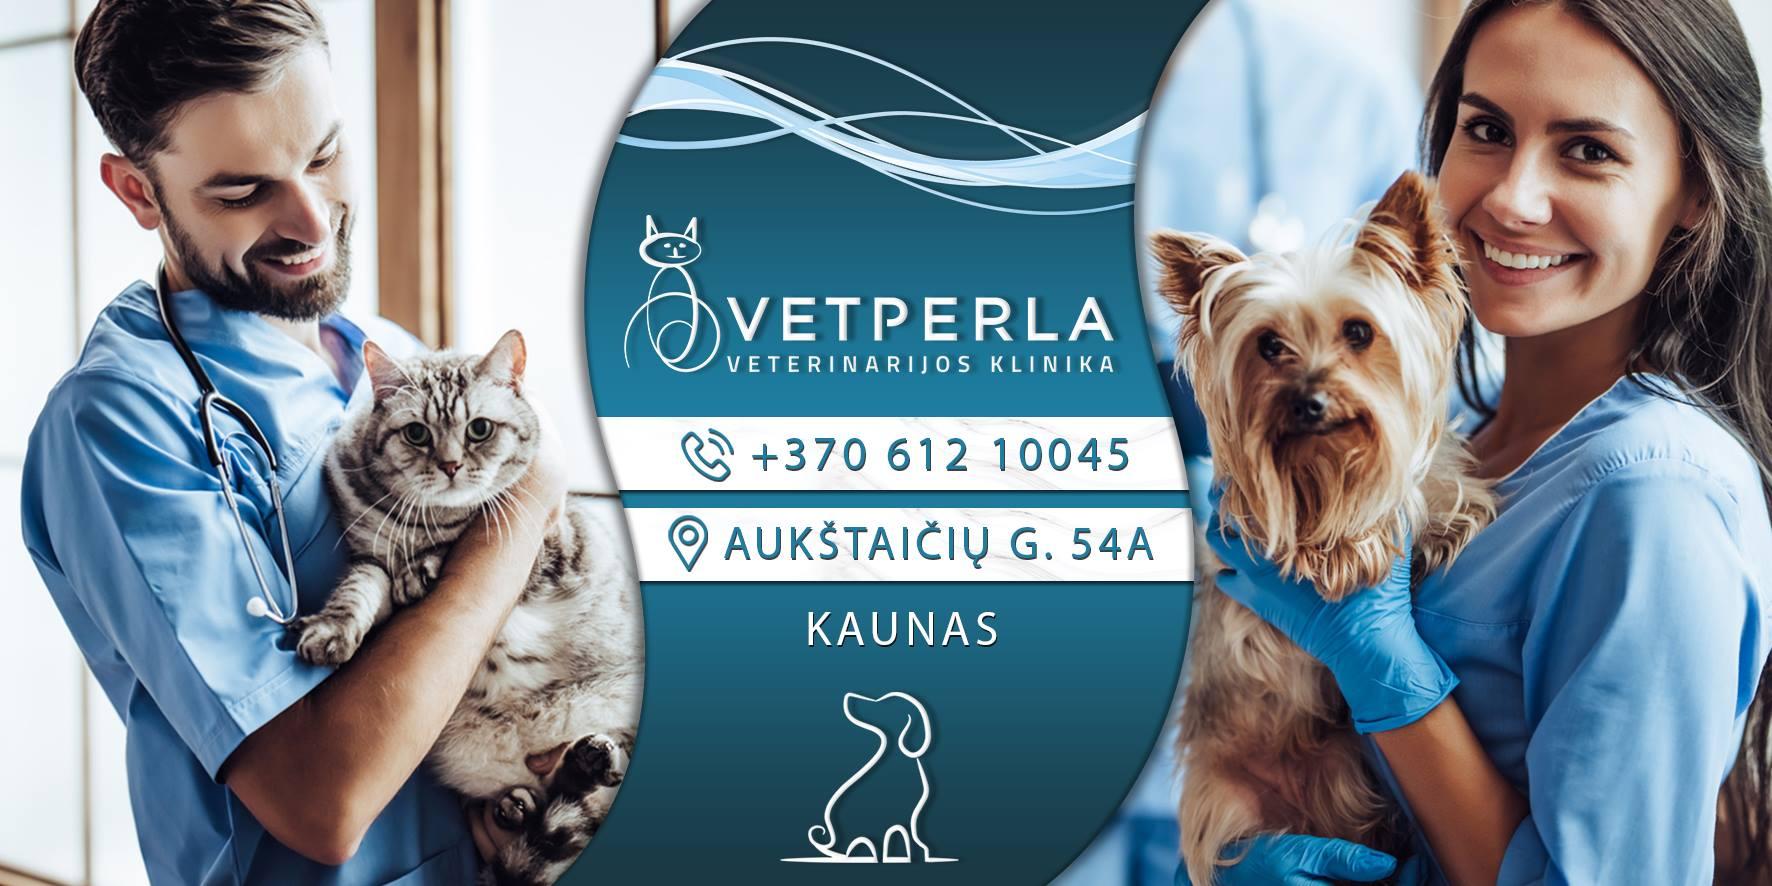 VetPerla veterinarijos klinika kauno centre